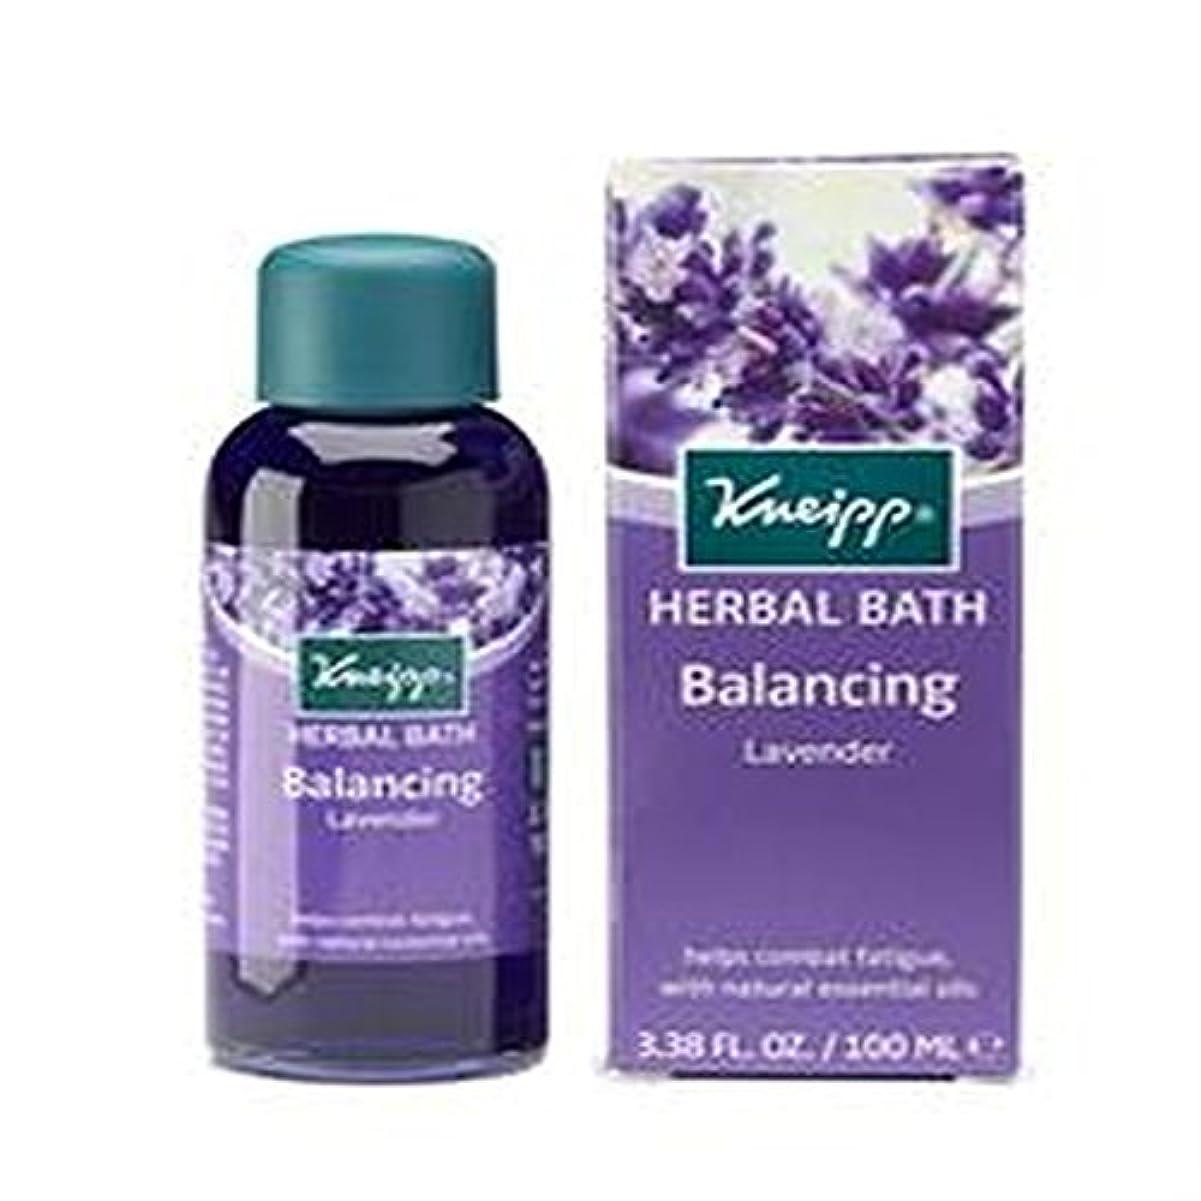 フォーム才能のある慢なKneipp Balancing Lavender Herbal Bath - 3.38 Oz. (並行輸入品) [並行輸入品]